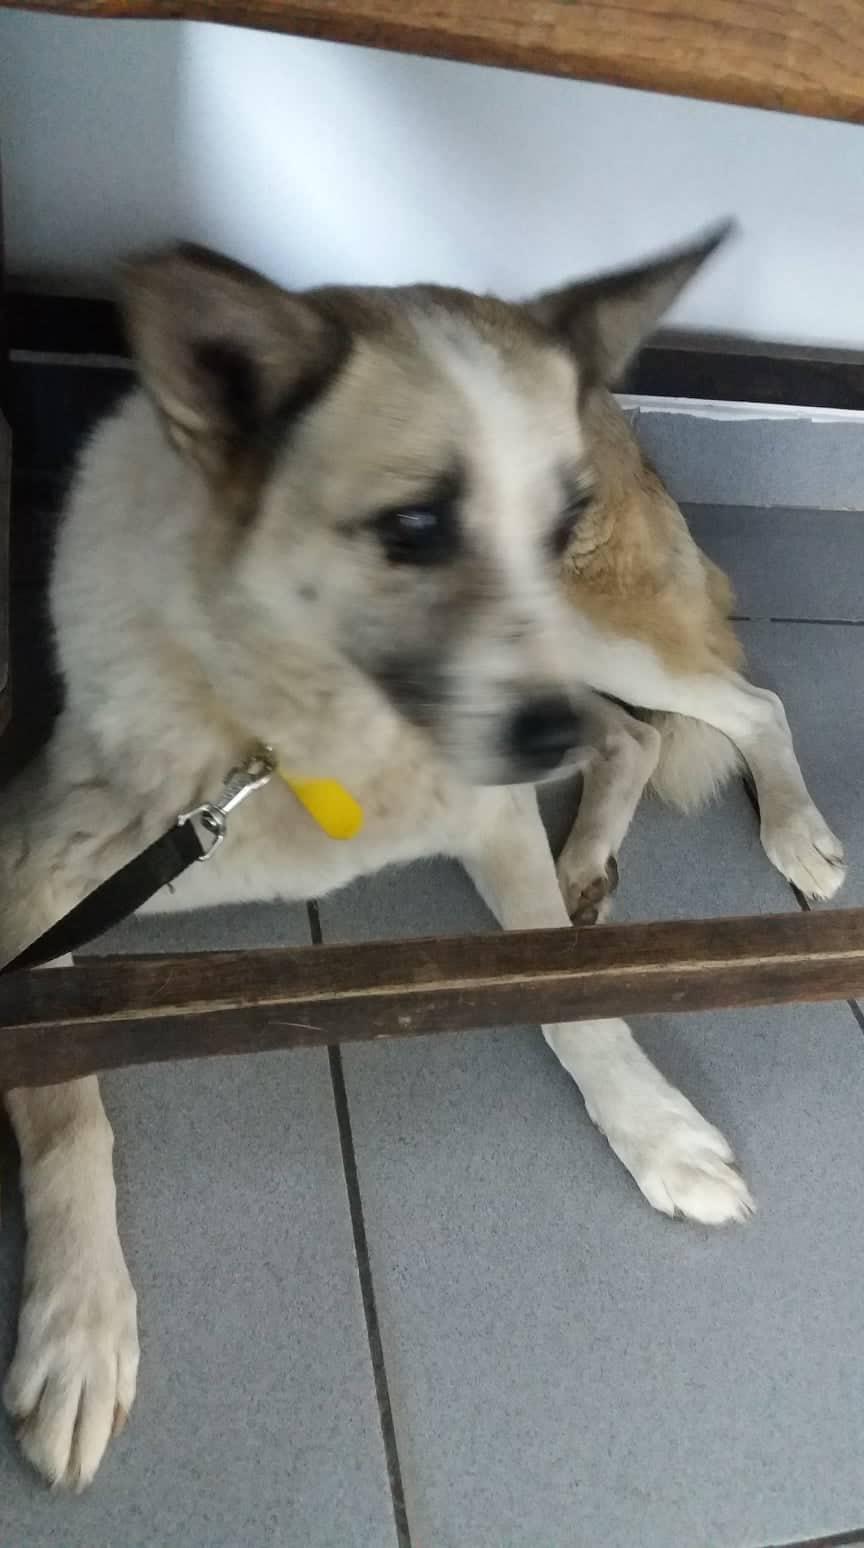 Fetita et Piciu - Arad - à adopter ensemble - réservés adoption ensemble (68) 45688710